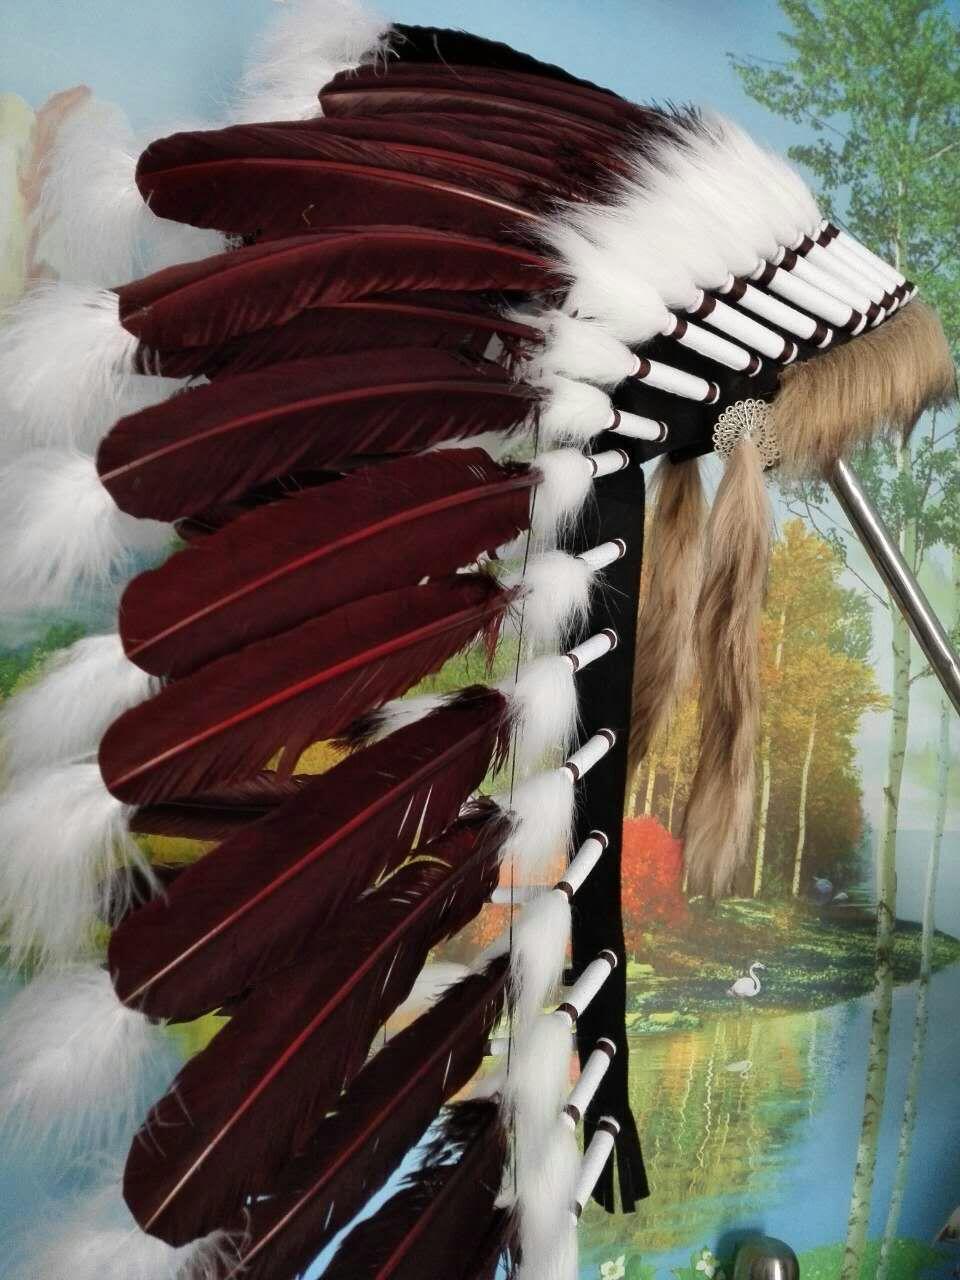 28 인치 다크 브라운 깃털 머리 장식 헤드 피스 의상 할로윈 파티 의상 파티 공급-에서깃털부터 홈 & 가든 의  그룹 1